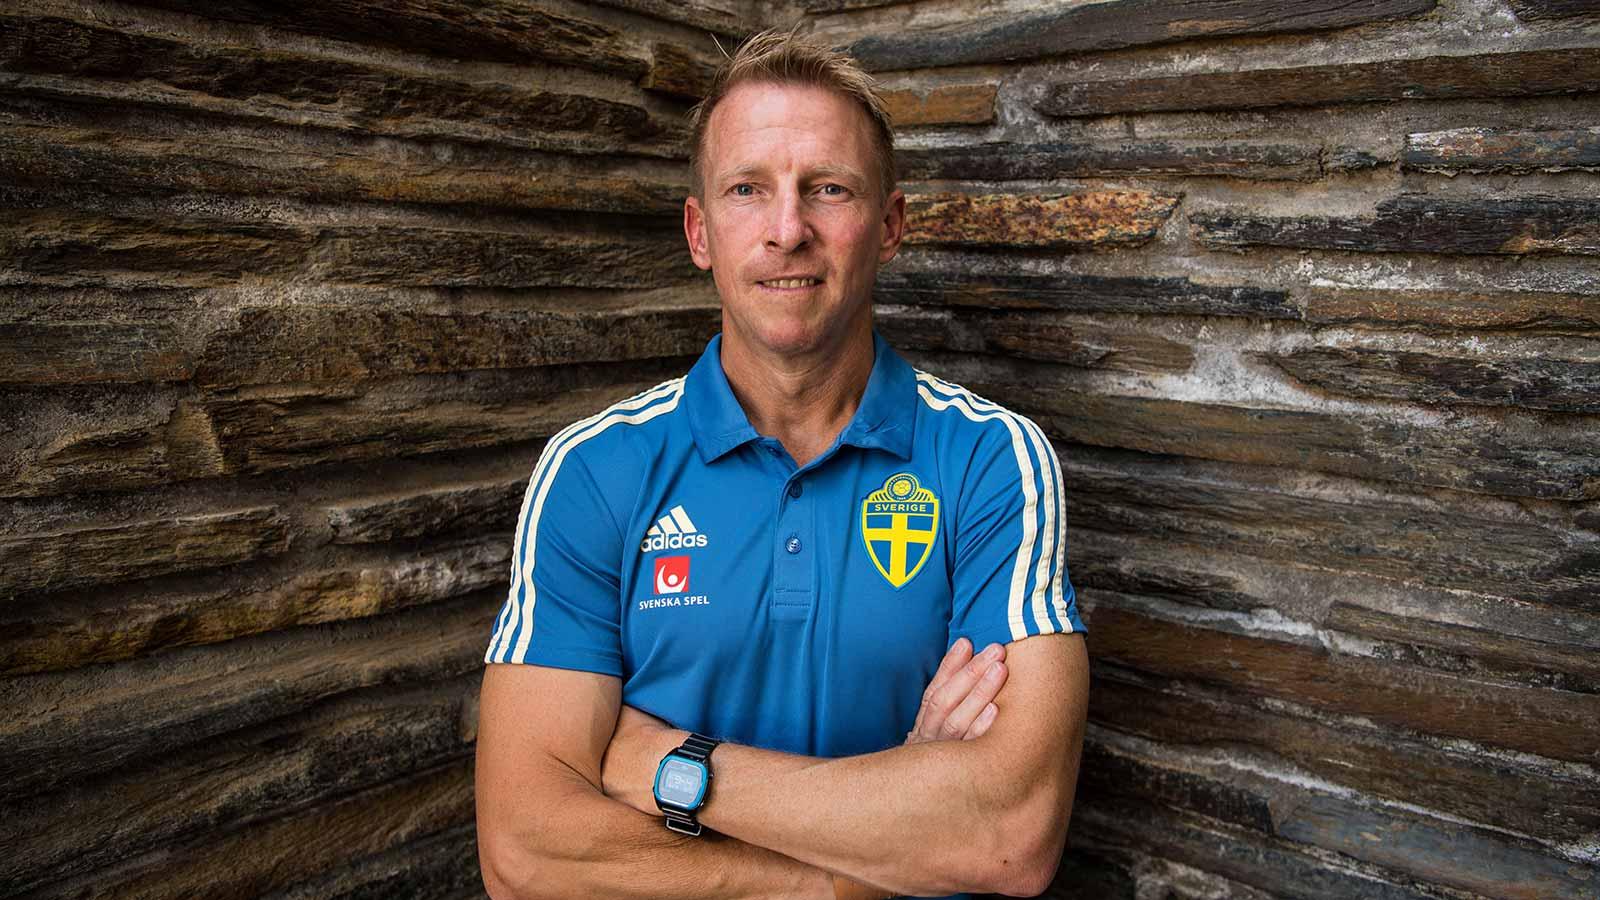 180529 Fredrik Larsson, sjukgymnast poserar för ett porträtt under en pressträff med ledarstaben i Sveriges fotbollslandslag den 29 maj 2018 i Båstad.